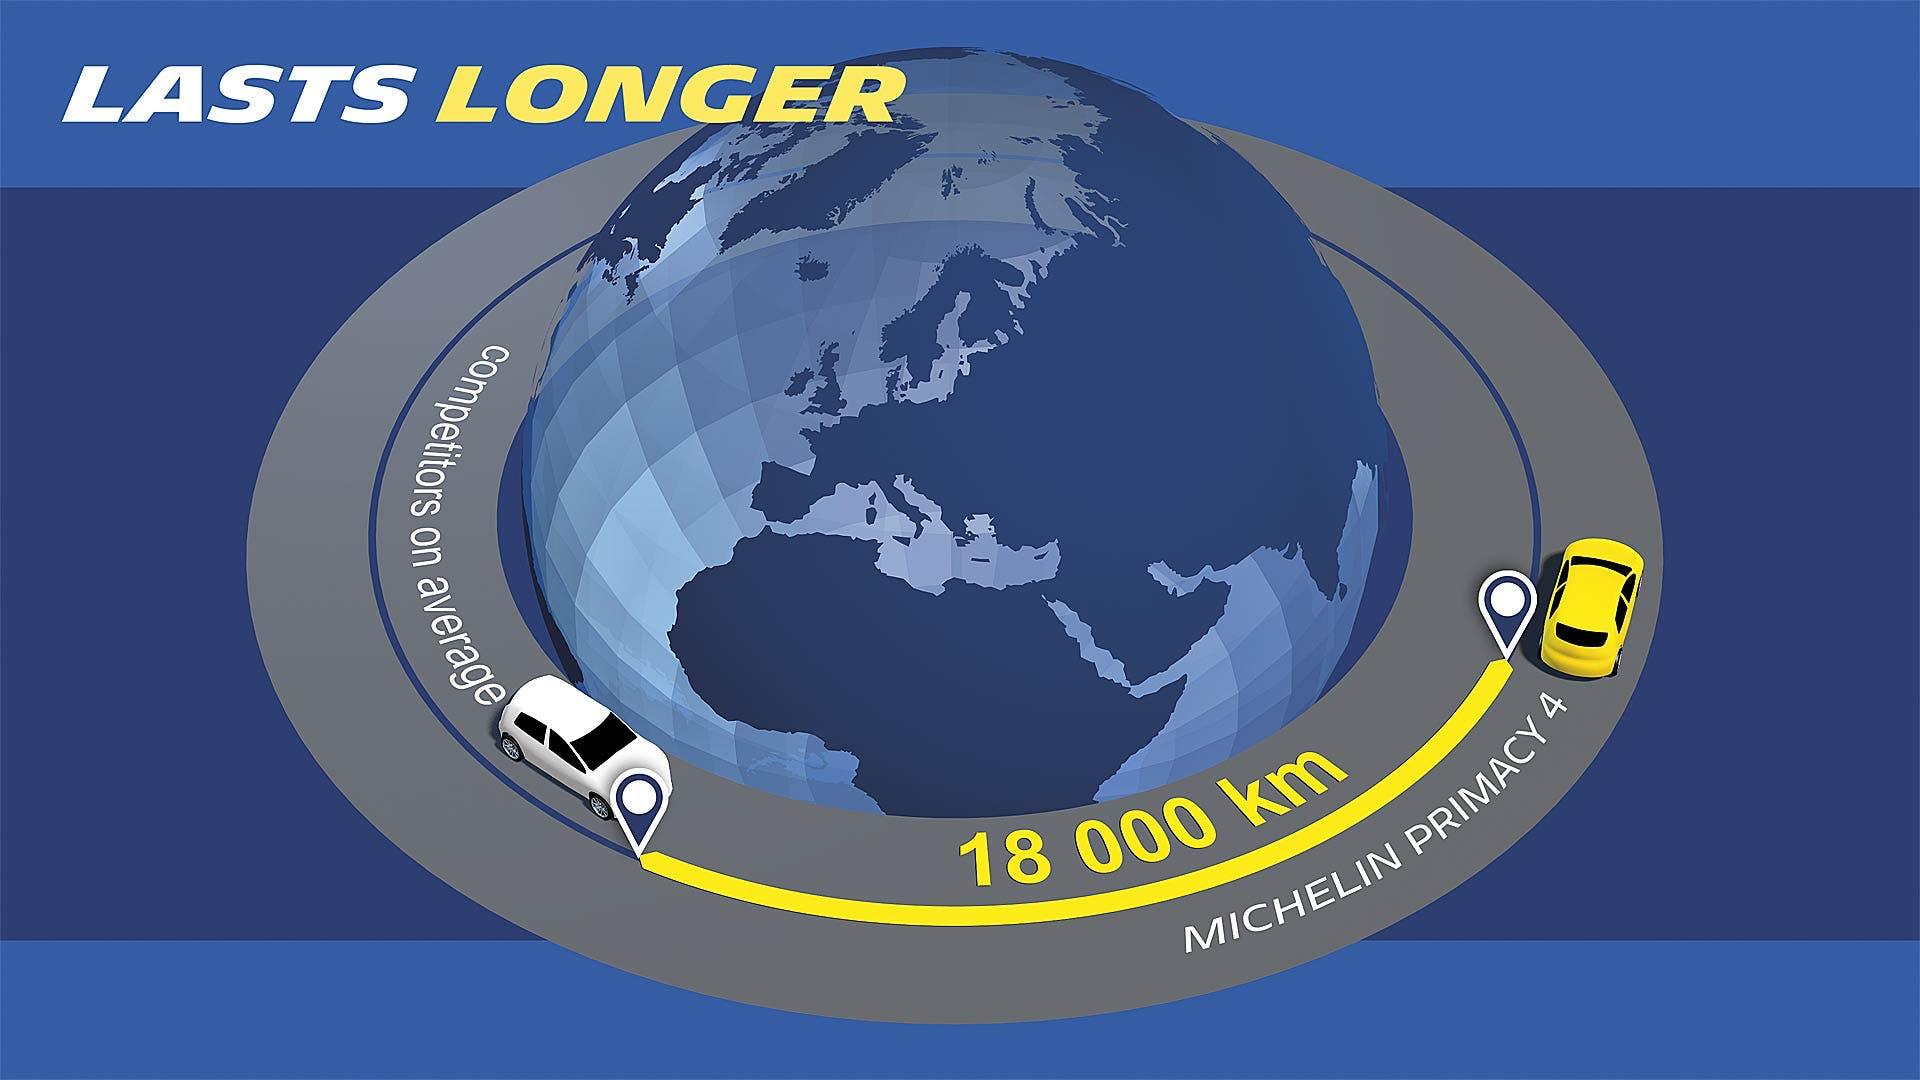 Michelin Primacy 4 campione di durata con in media 18000 chilometri in più dei concorrenti